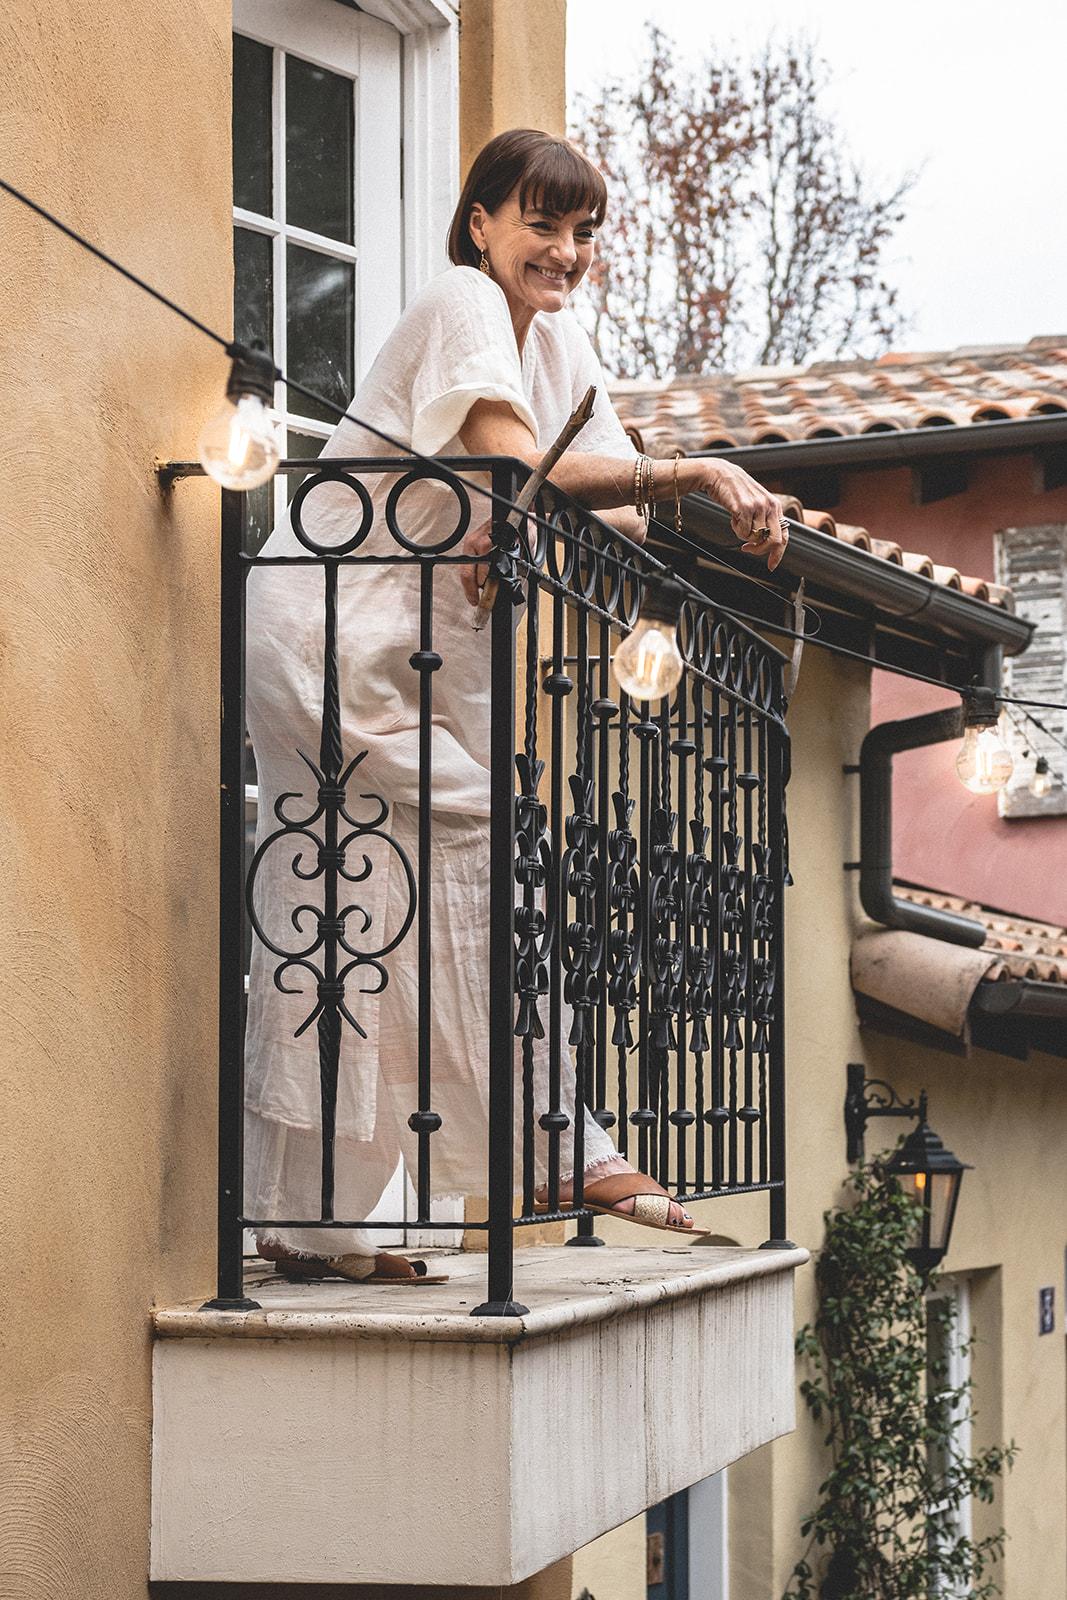 Amanda Tabberer La Bottega di Brunella